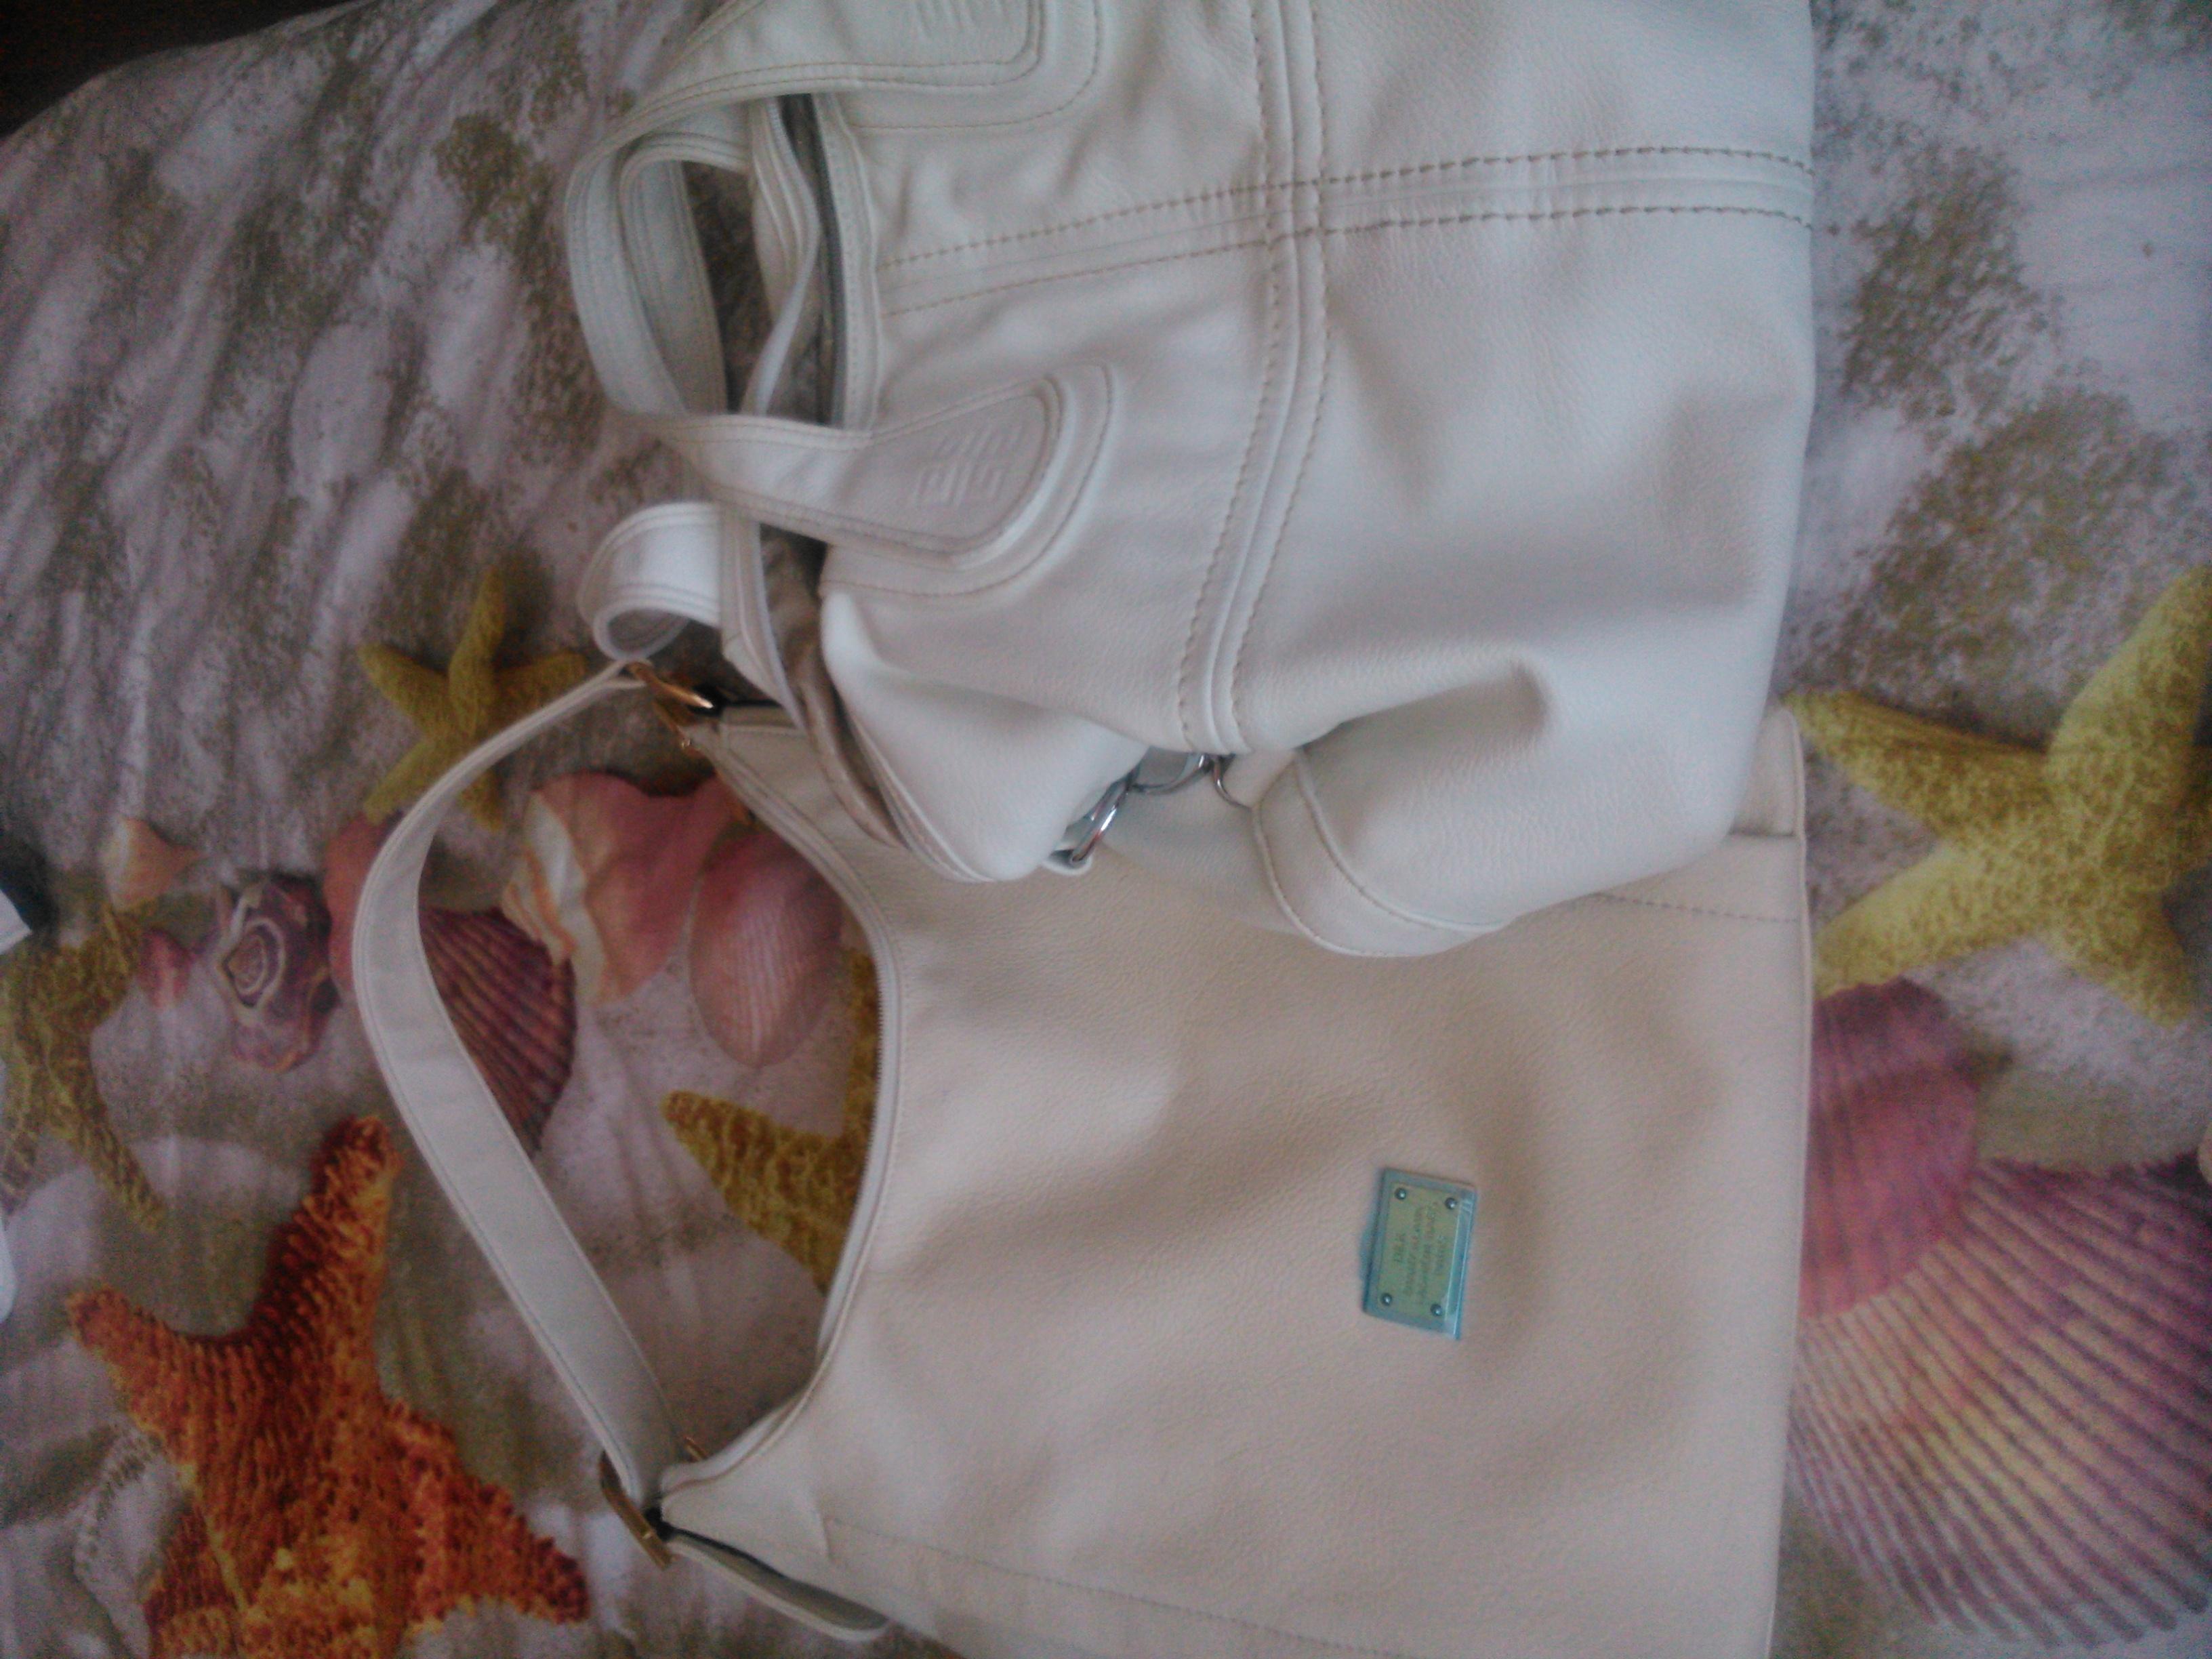 c30d4963f665 хочу оставить свой отзыв... заказывала сумку  http://ve***nsi-shop.ru/catalog/product/sumka-no-brand-8872-white-16564/ в  описании БЕЛАЯ.